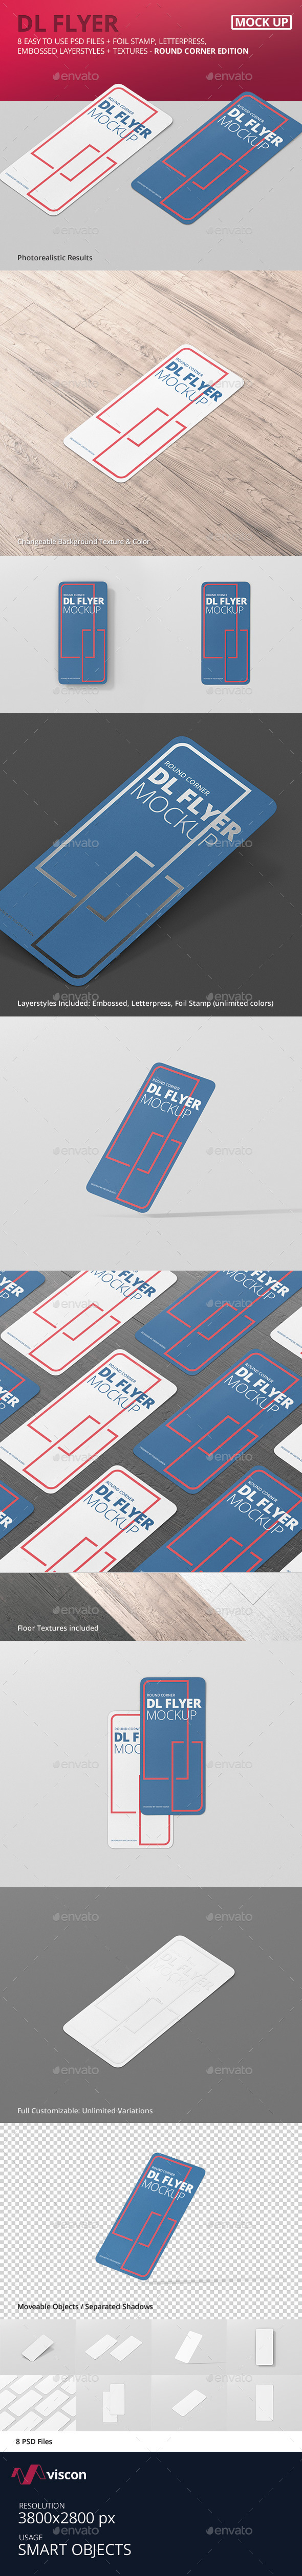 DL Vertical Flyer Round Corner Mockup - Flyers Print